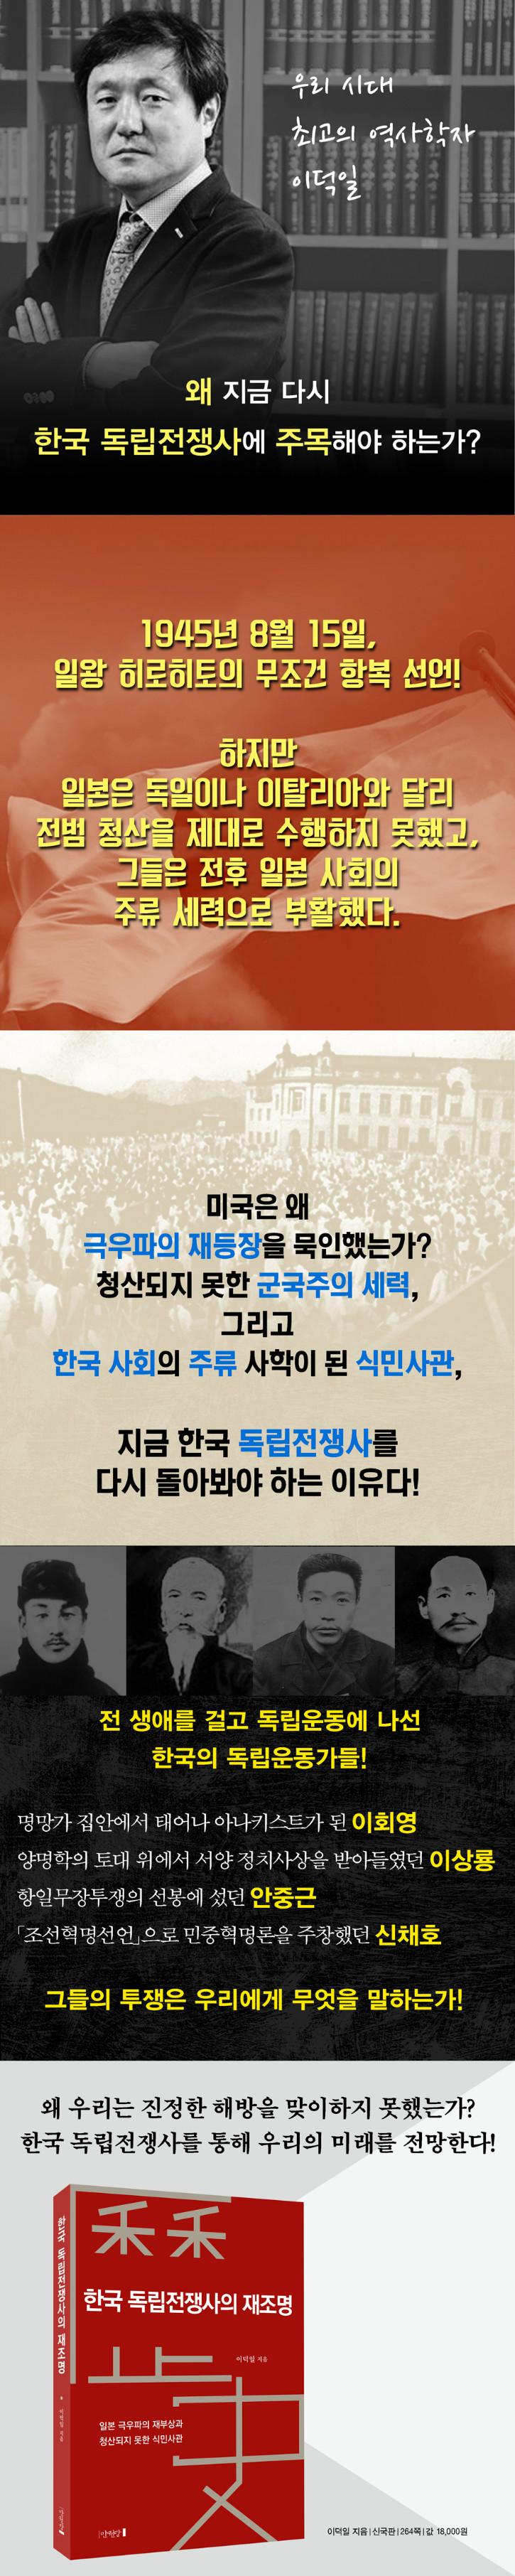 한국독립전쟁사의재조명-상세이미지.jpg